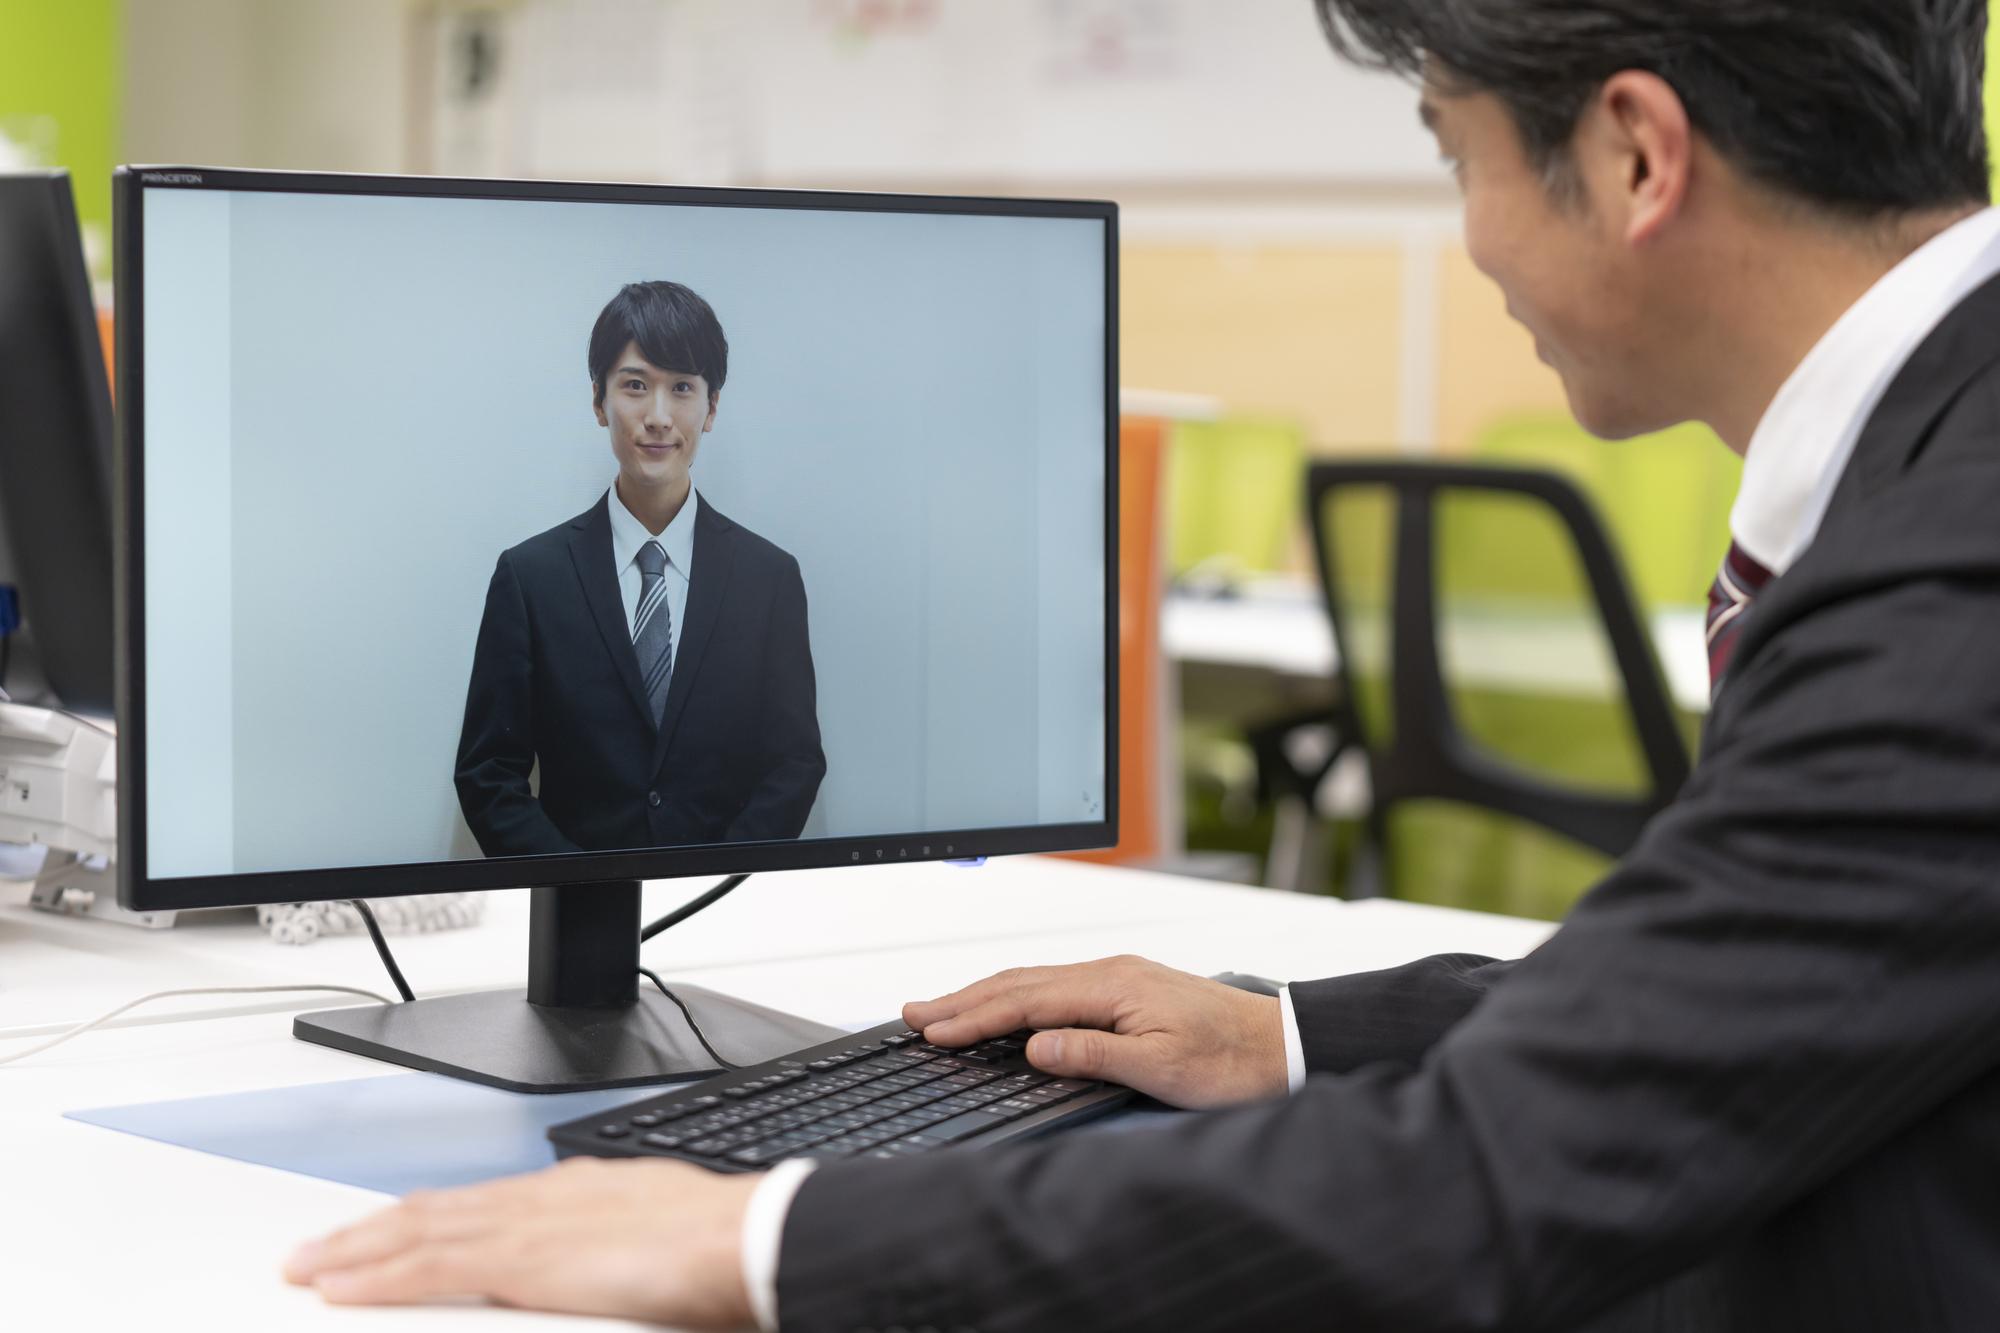 人材を見抜く面接の質問とは? 面接官になったら知っておきたい心得と質問項目例_7